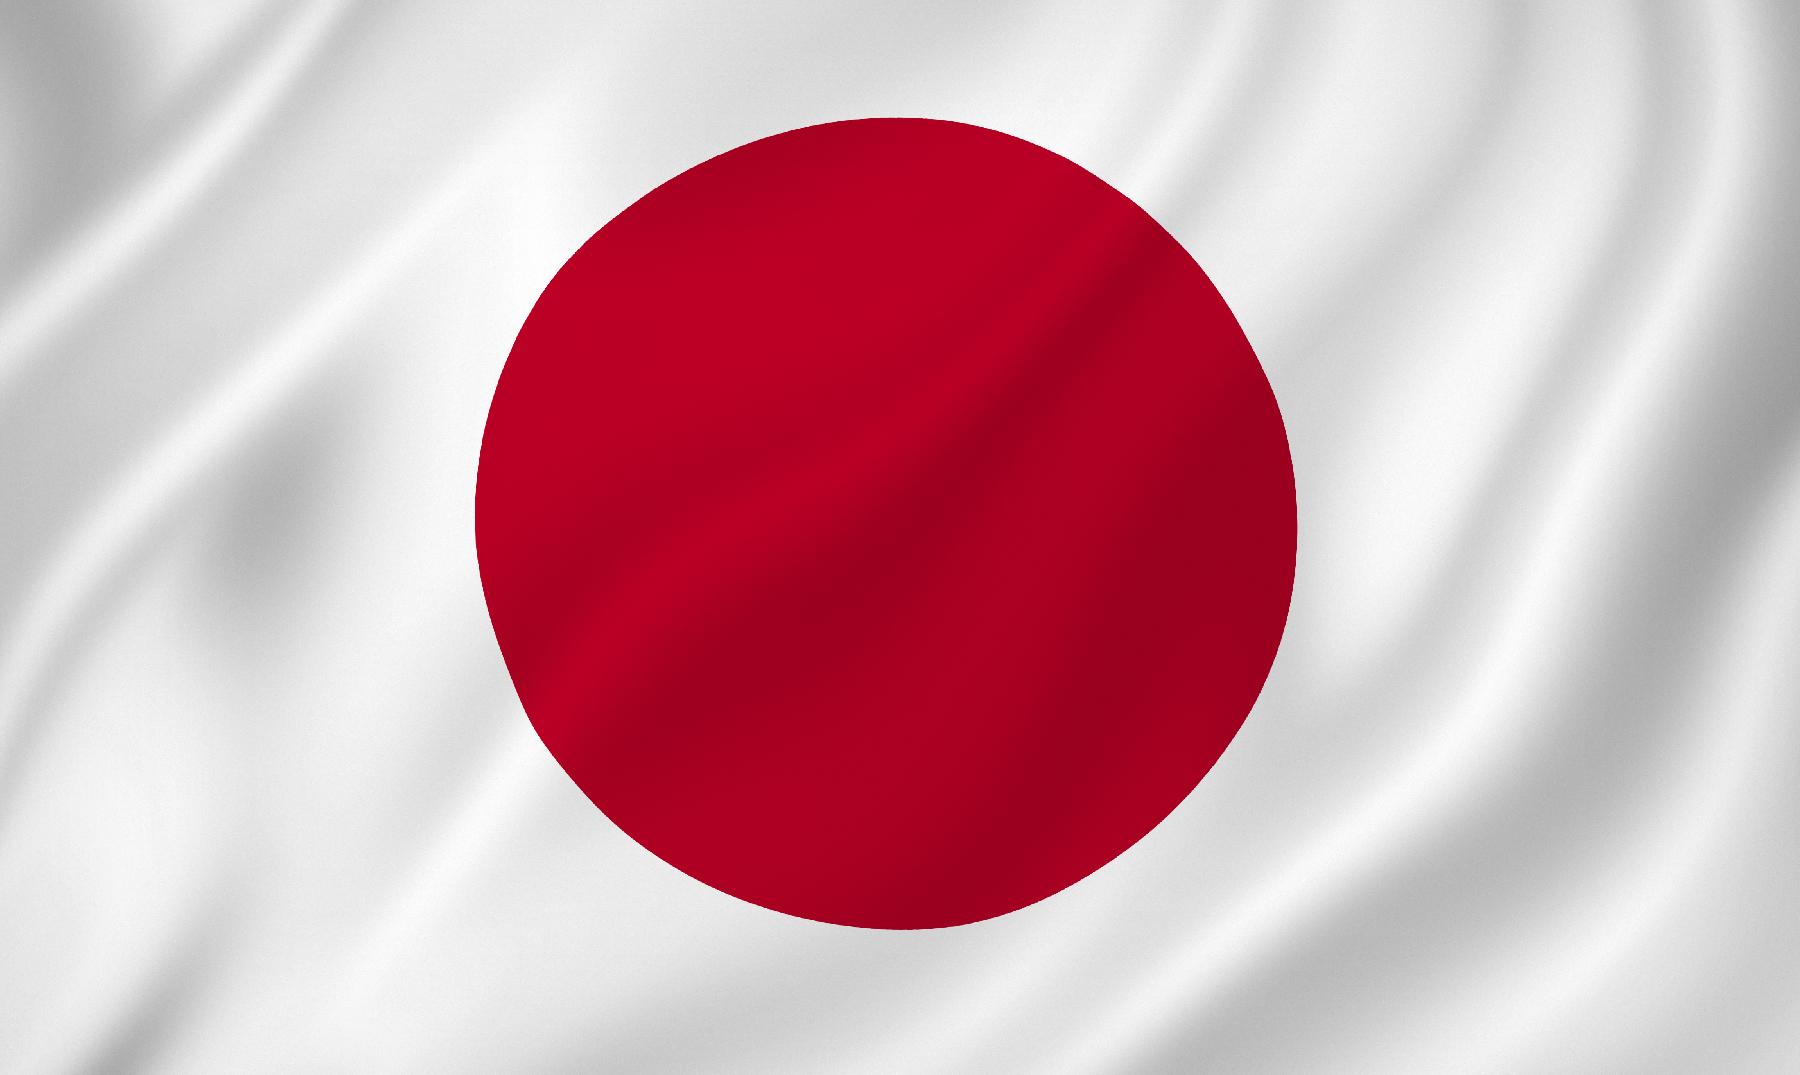 Bandera De Japon Descripcion Y Significado Supercurioso